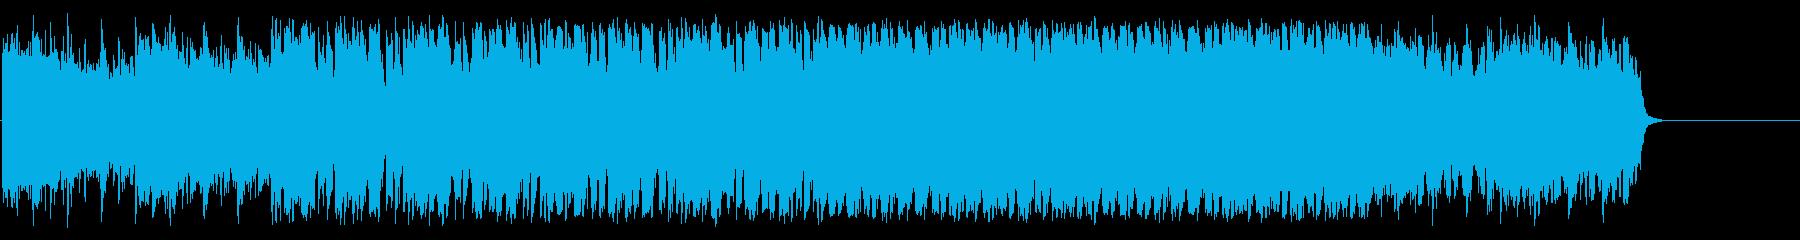 インフォメーション 天気予報 ゆったりの再生済みの波形